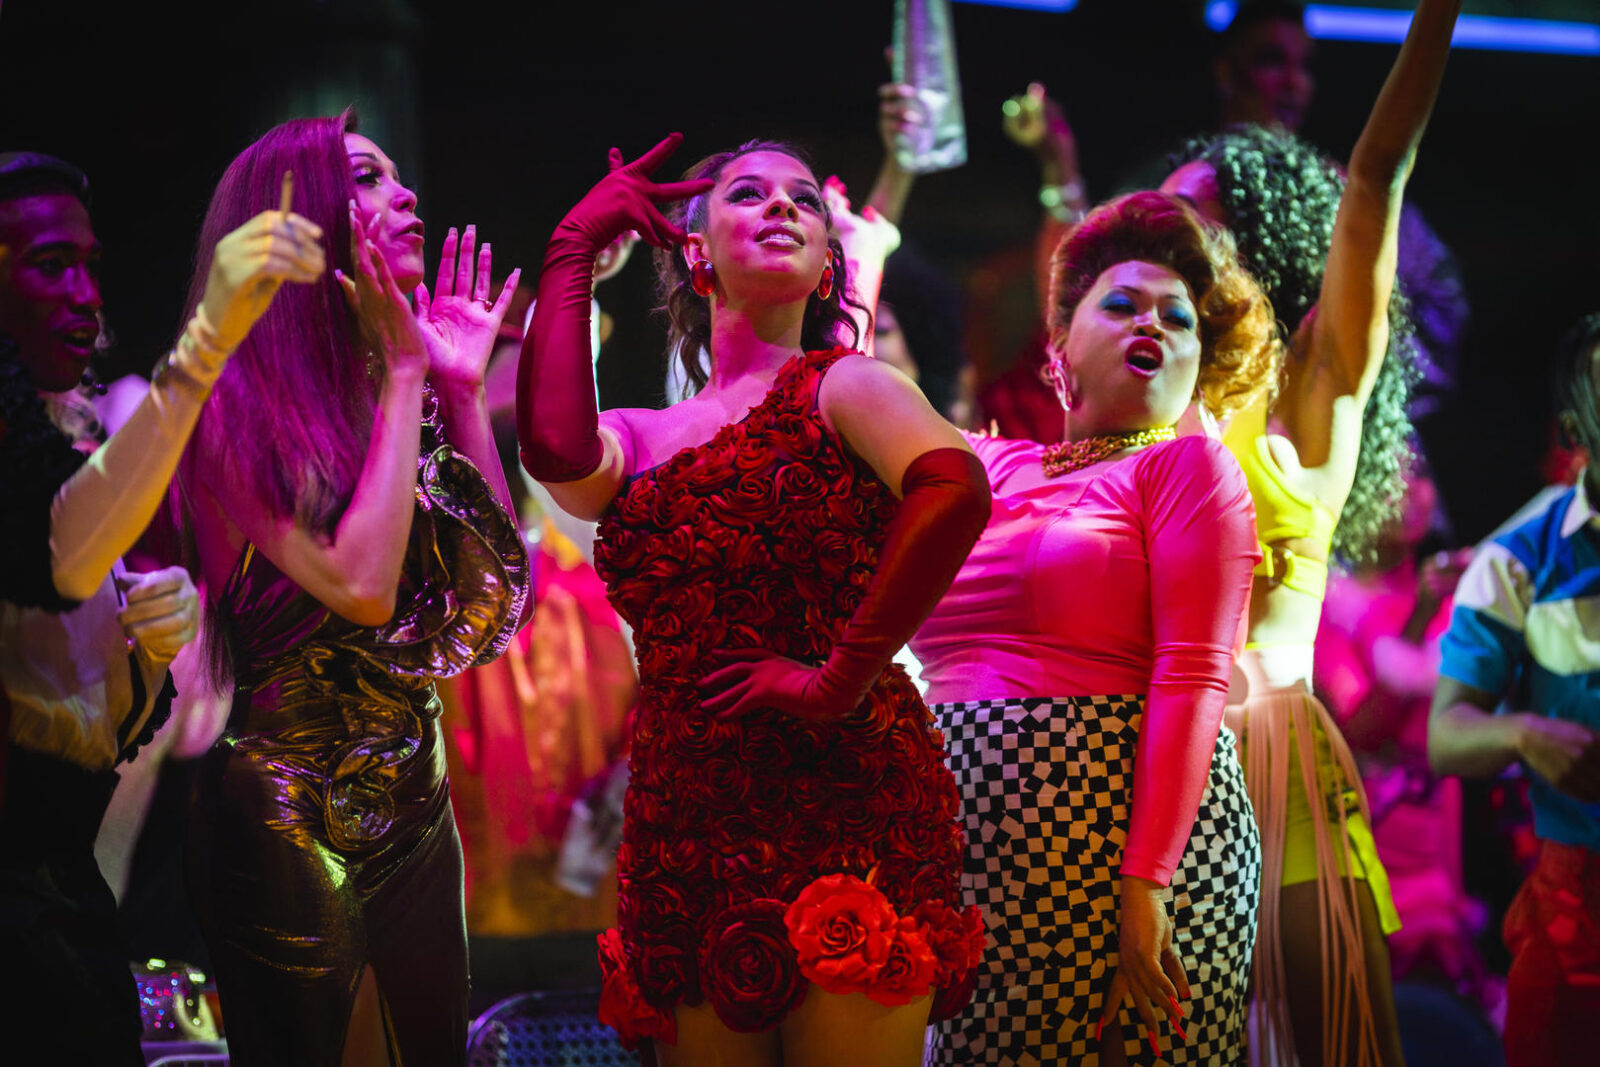 2ªtemporada de Pose chega em janeiro na Netflix no Brasil. (Foto: Michael Parmelee/FX)